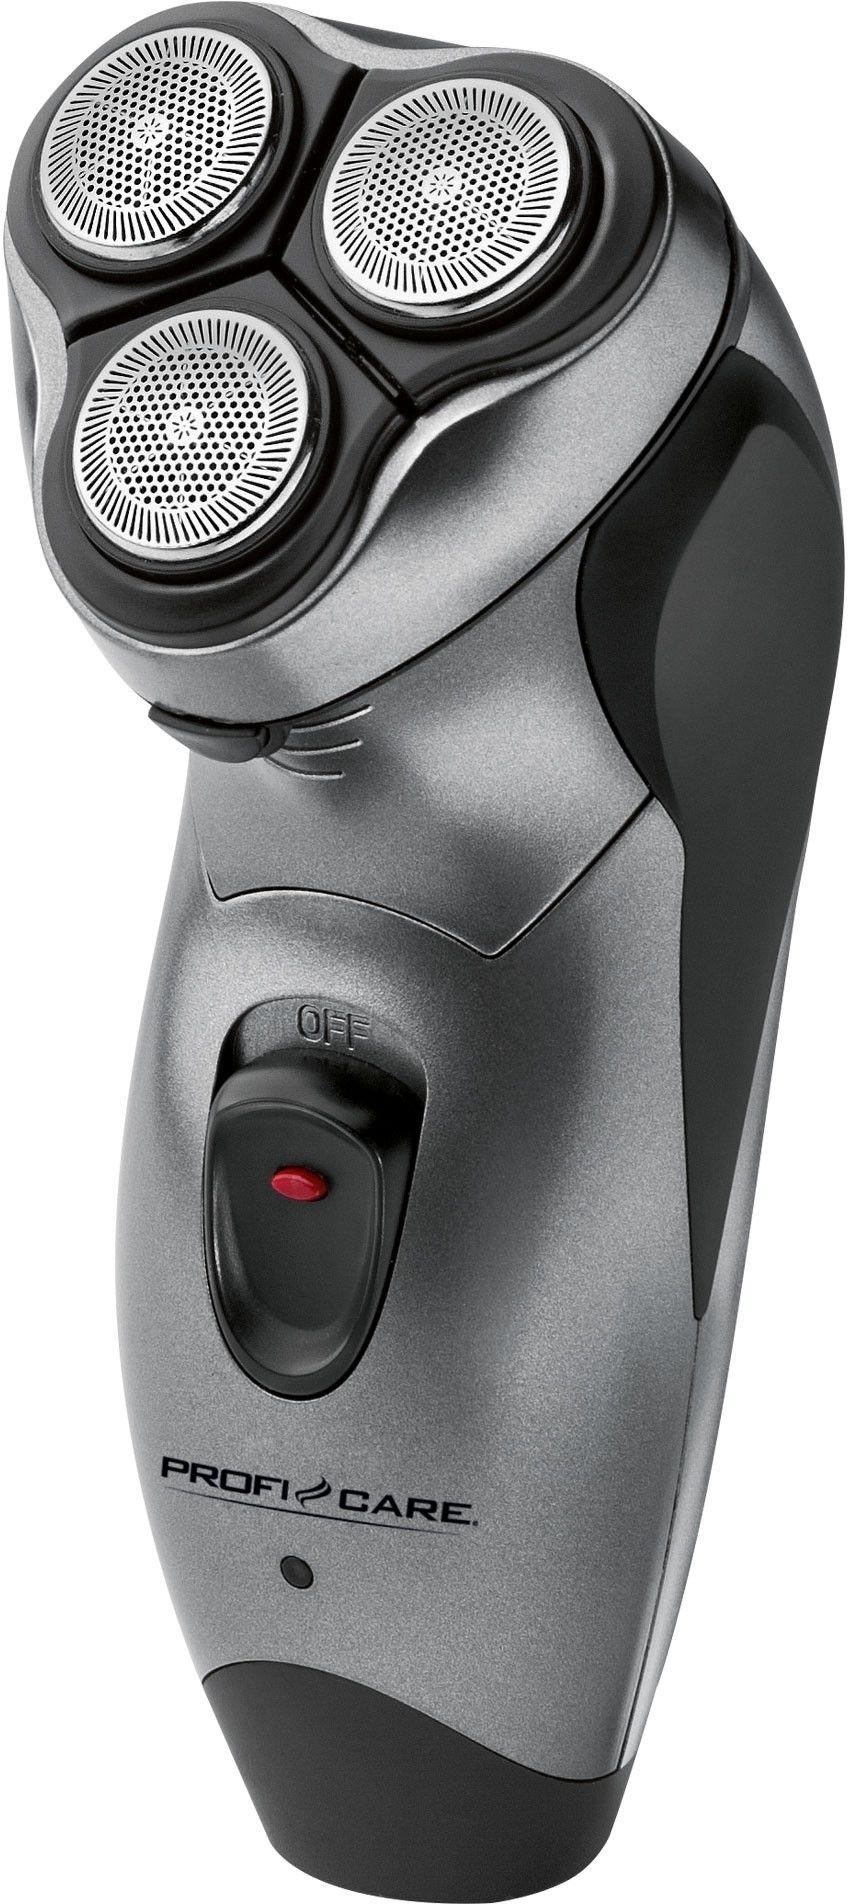 Golarka elektryczna maszynka do golenia ProfiCare PC-HR 3053 (szara)